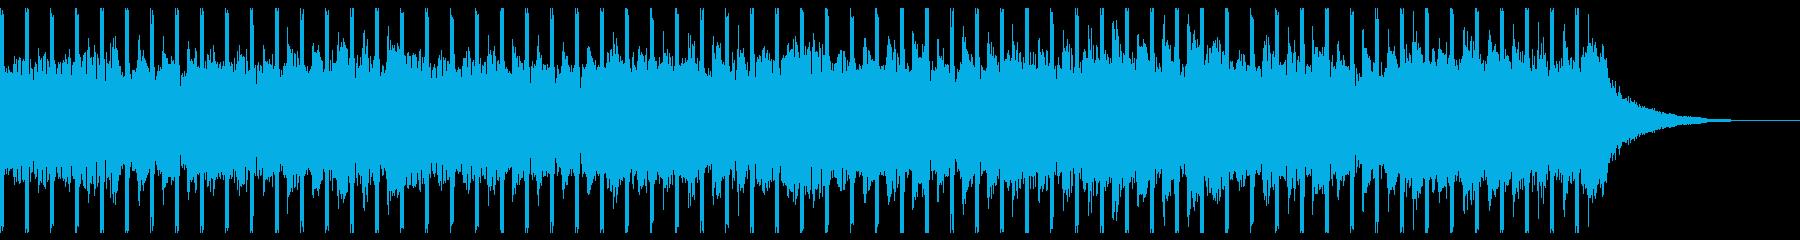 感動的な企業(30秒)の再生済みの波形